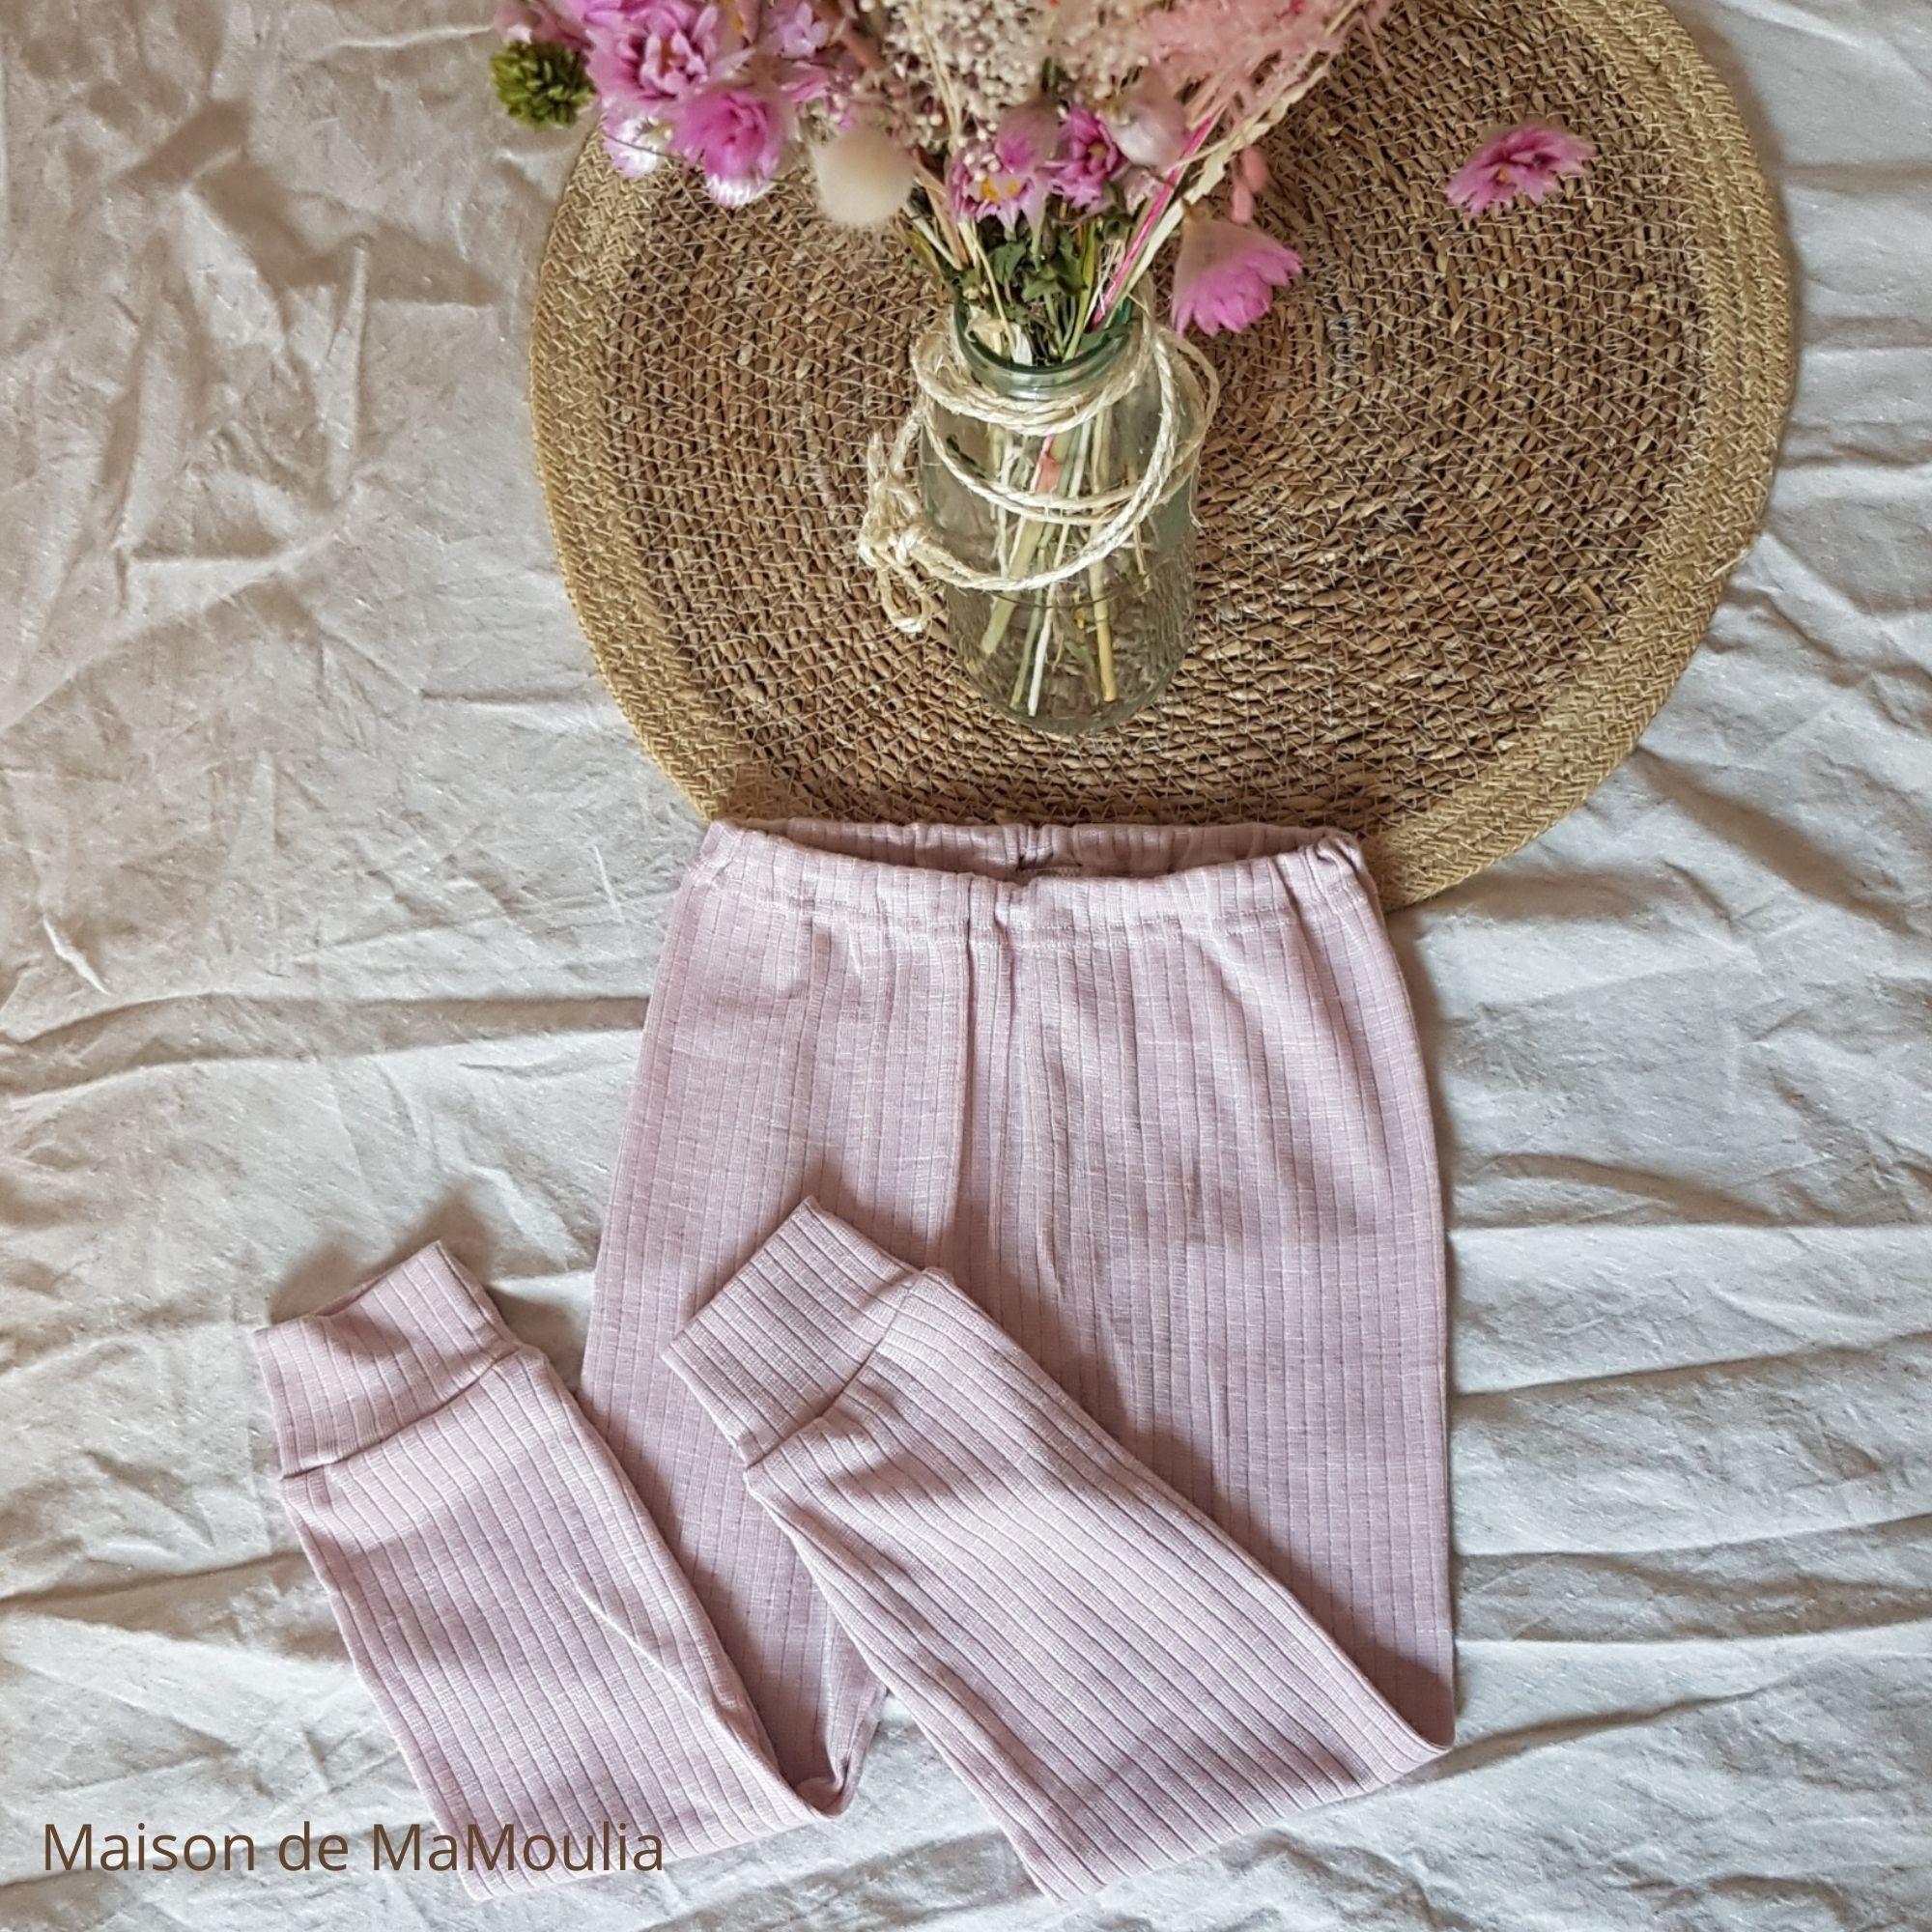 COSILANA - Pantalon-caleçon pour enfant - Laine/Soie/Coton bio, Rose pale